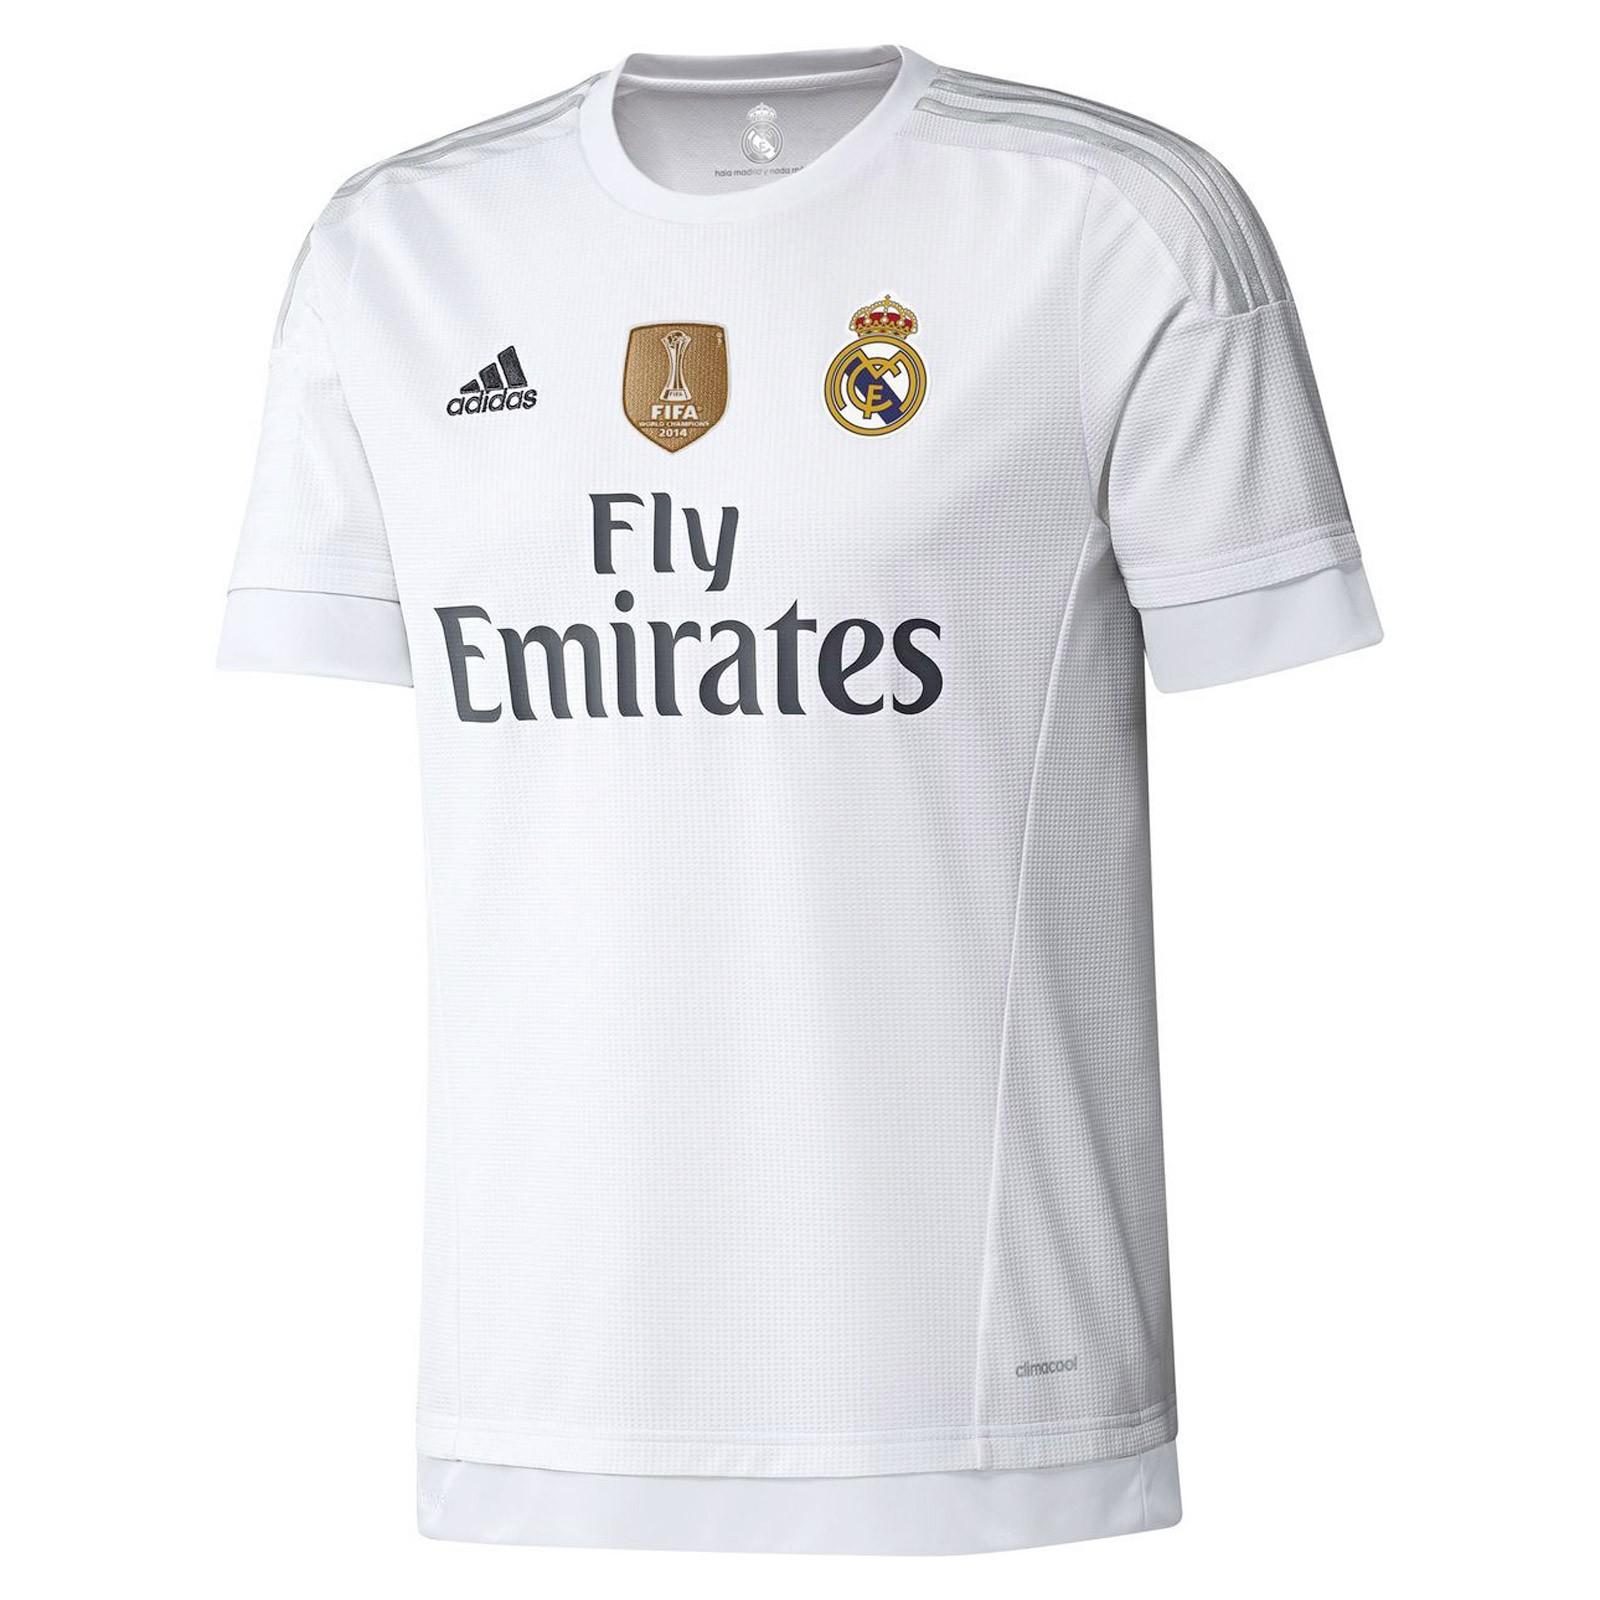 皇家马德里2015-16赛季球迷版主场球衣